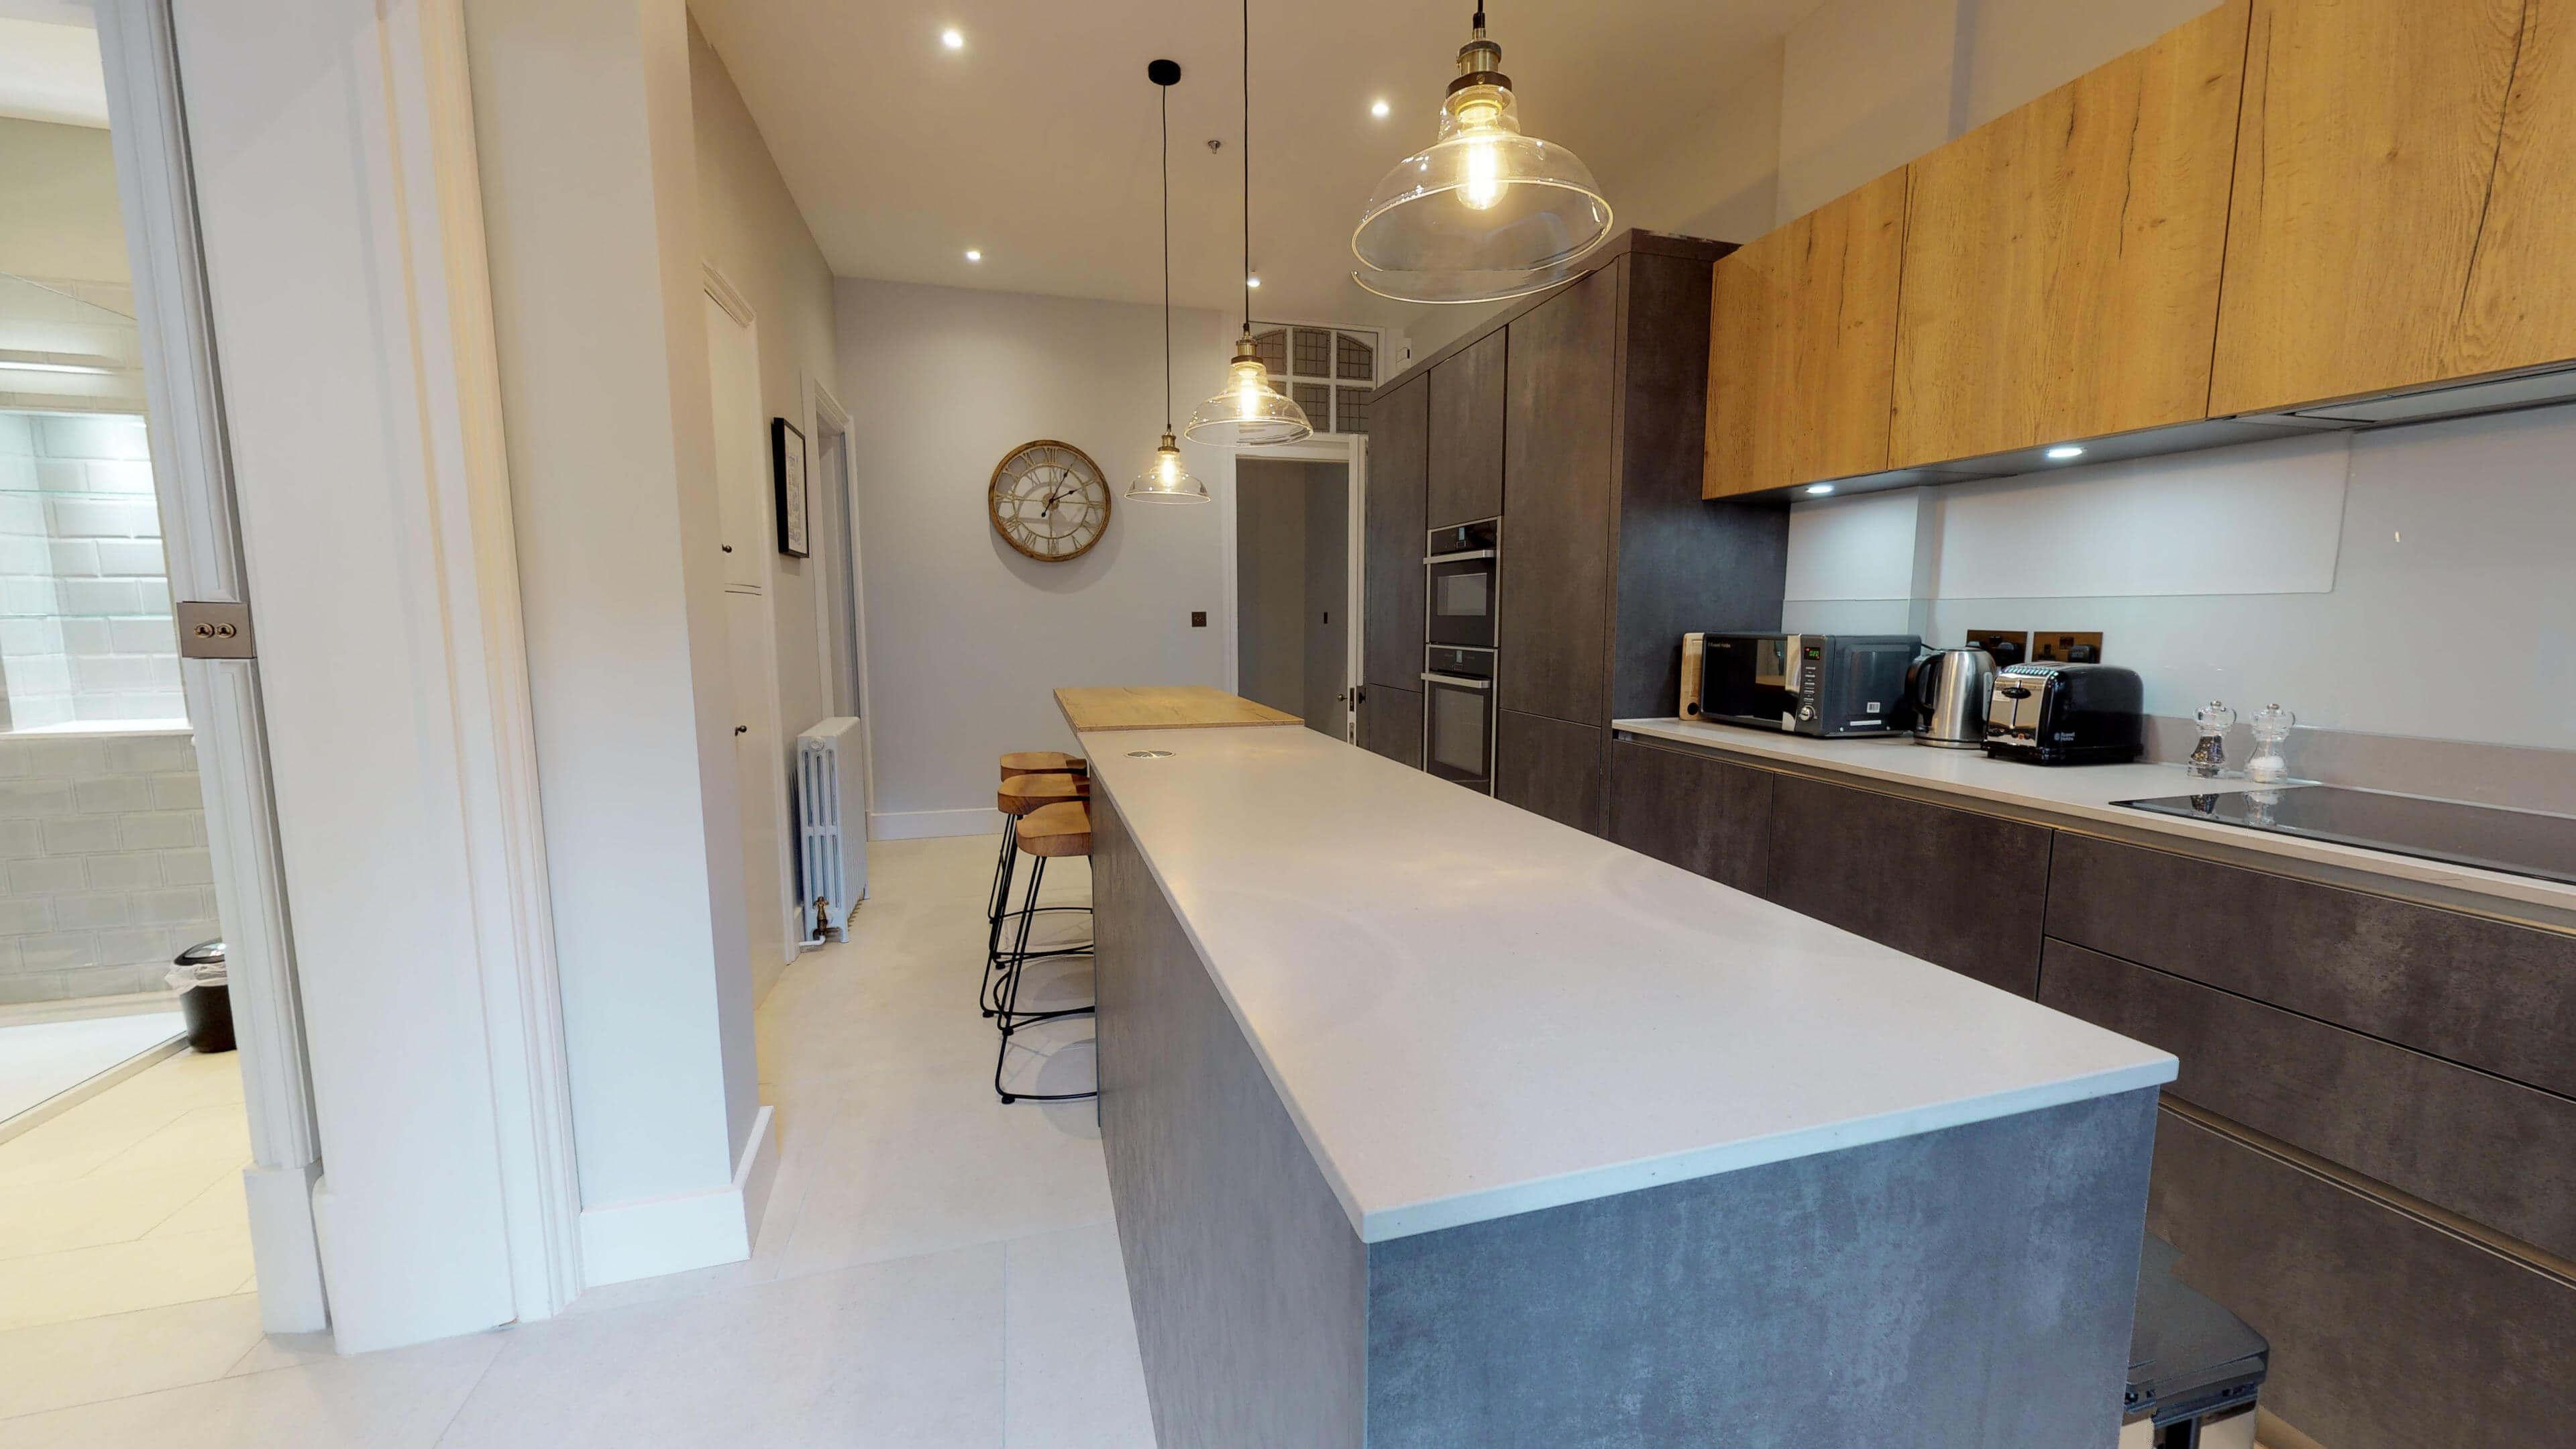 Rawlinson Road Garden Suite 06272019 082031